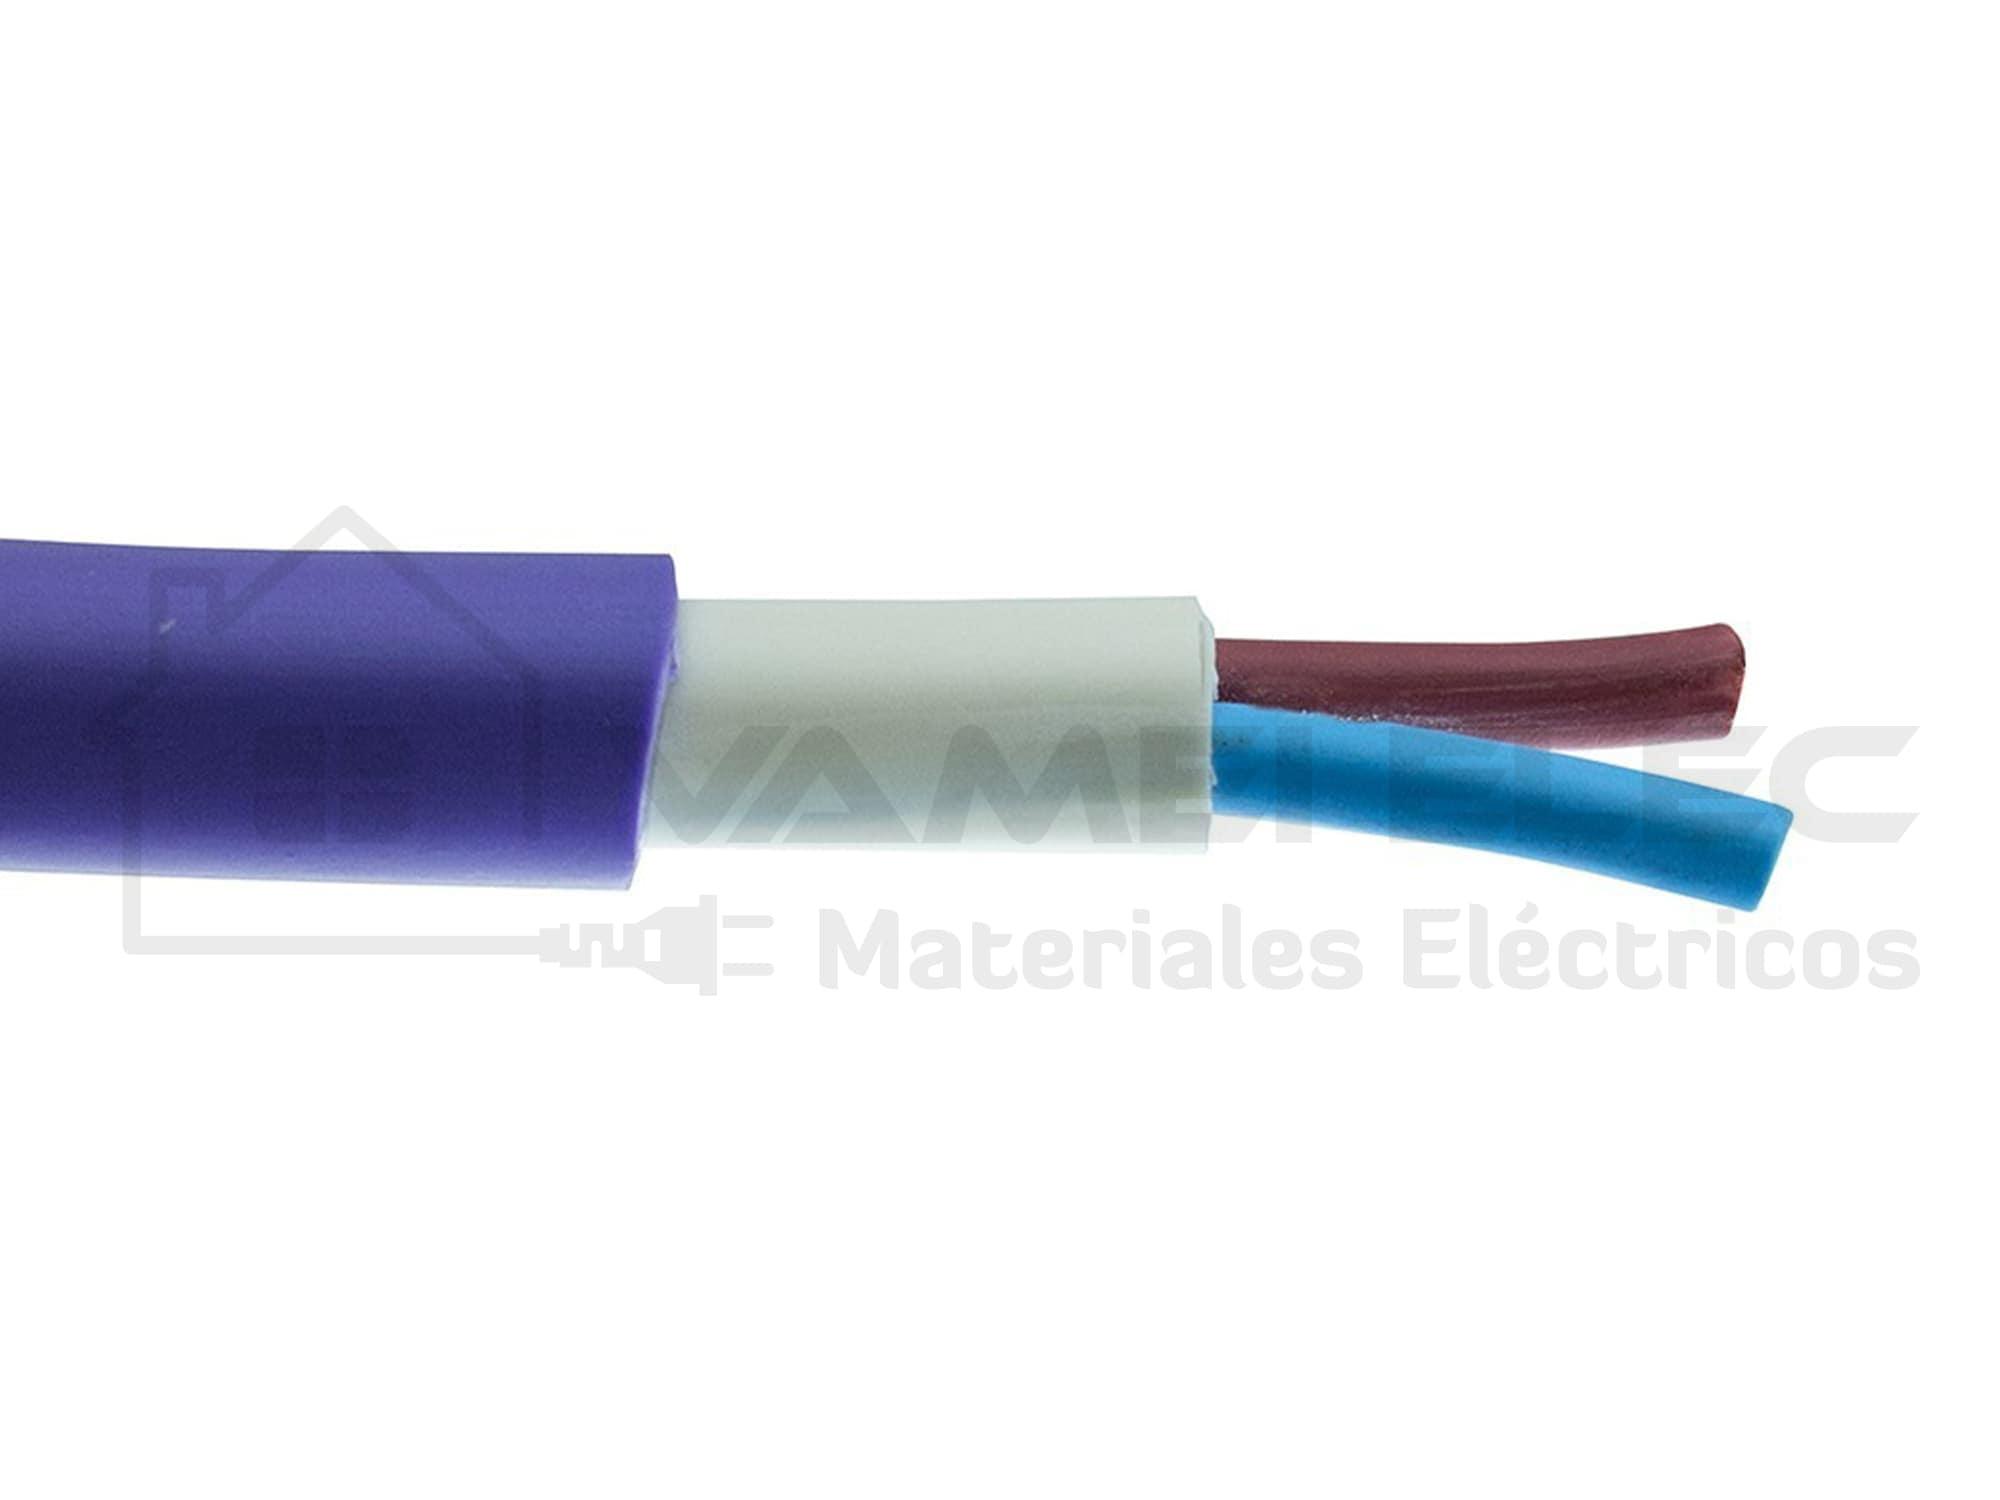 VAMEI Elec - Cables - Subterráneos